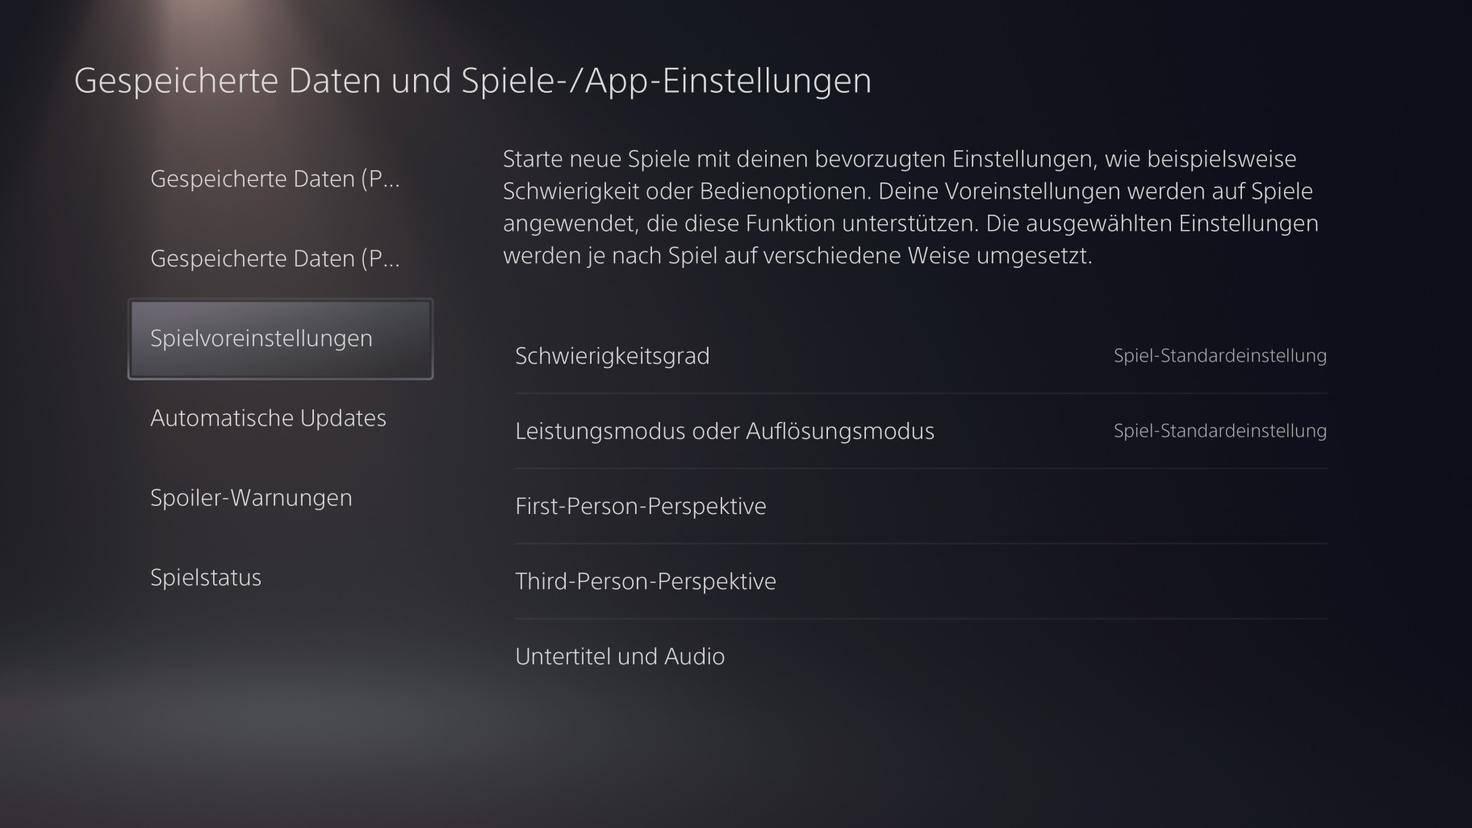 ps5-spielvoreinstellungen-screenshot